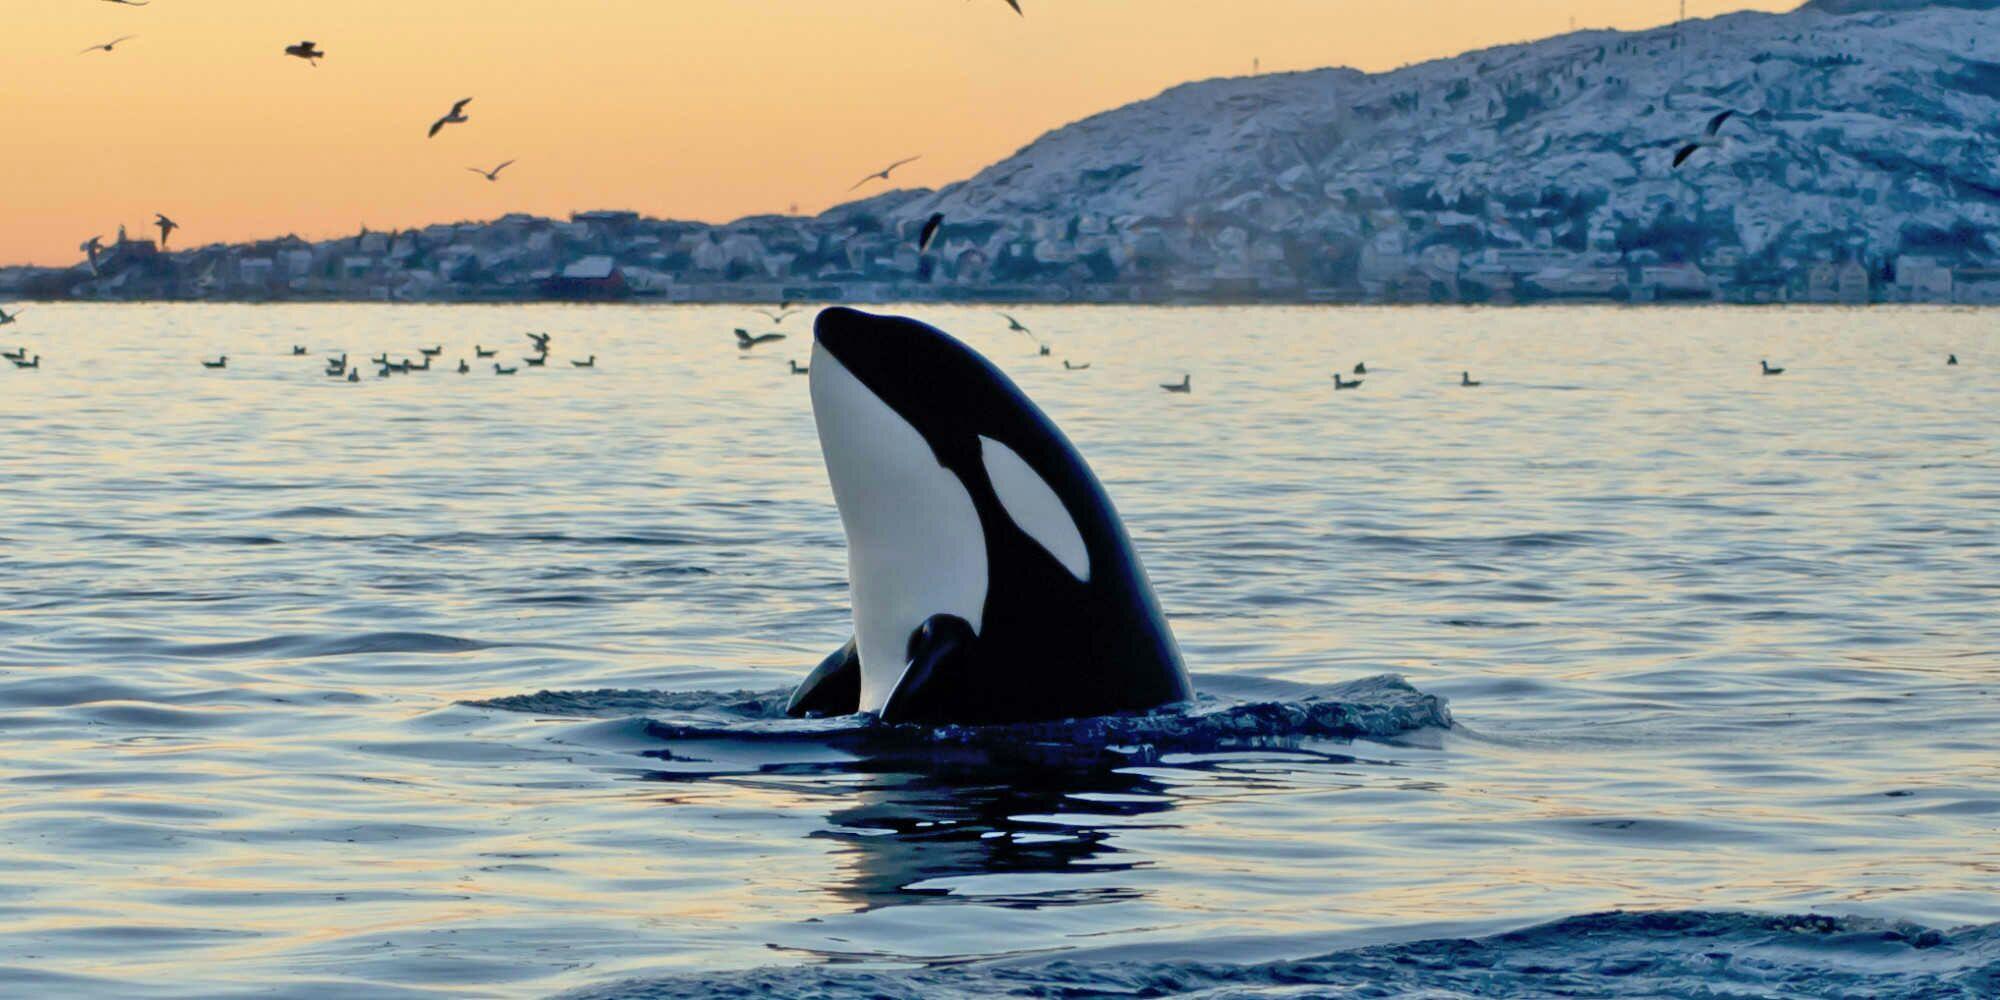 有什么好看的虎鲸图片?